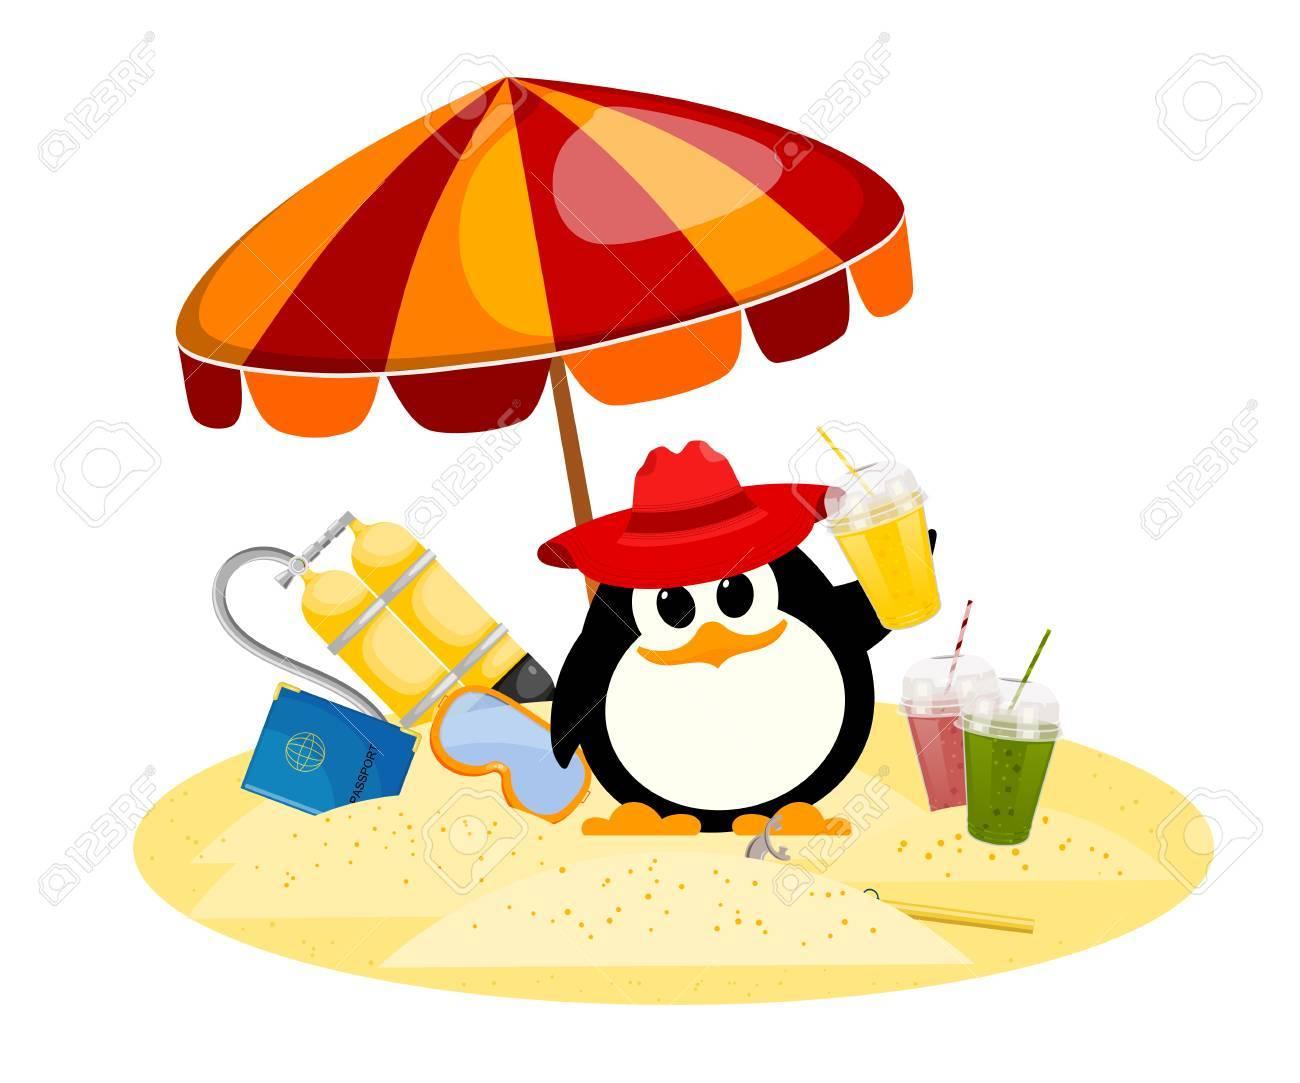 Dessin Parasol image couleur de dessin animé d'un petit pingouin sous un parasol en